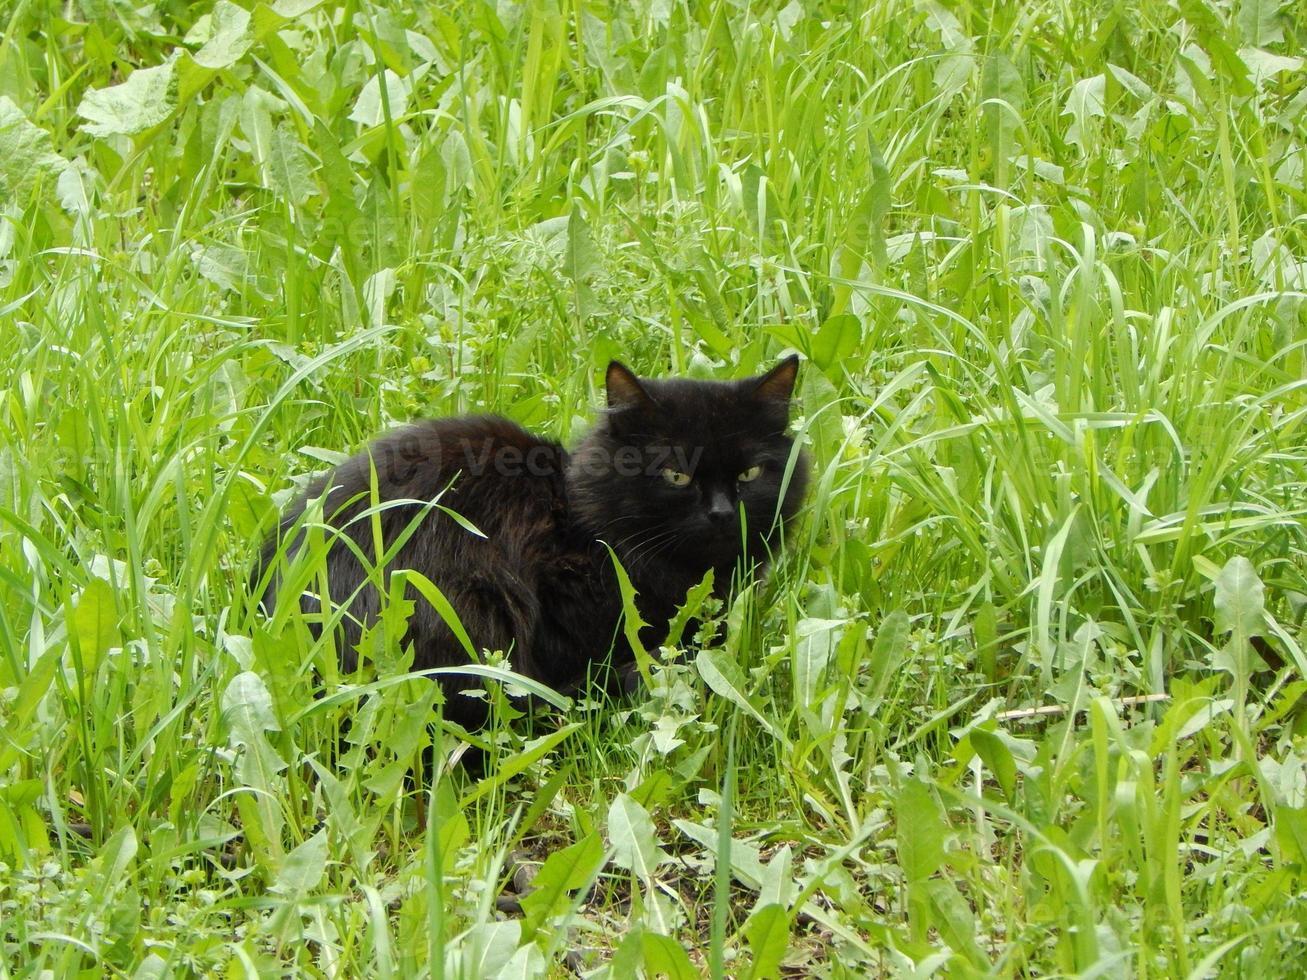 schwarze Katze, die sich im grünen Gras versteckt. foto